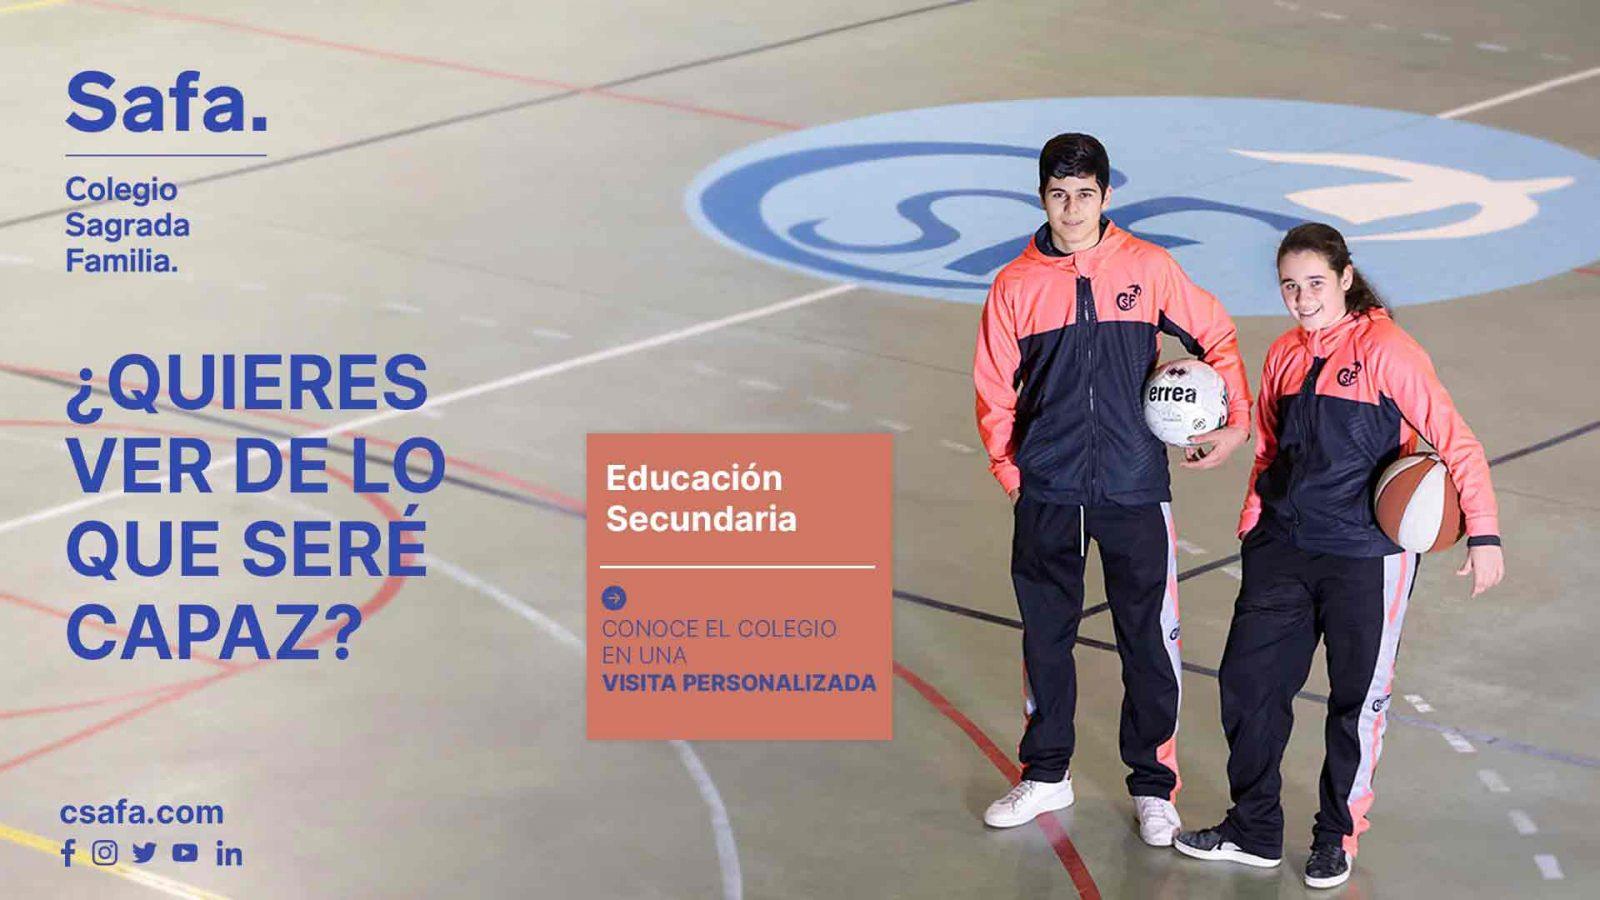 Campaña curso 21-22 alumnos en el polideportivo haciendo deporte